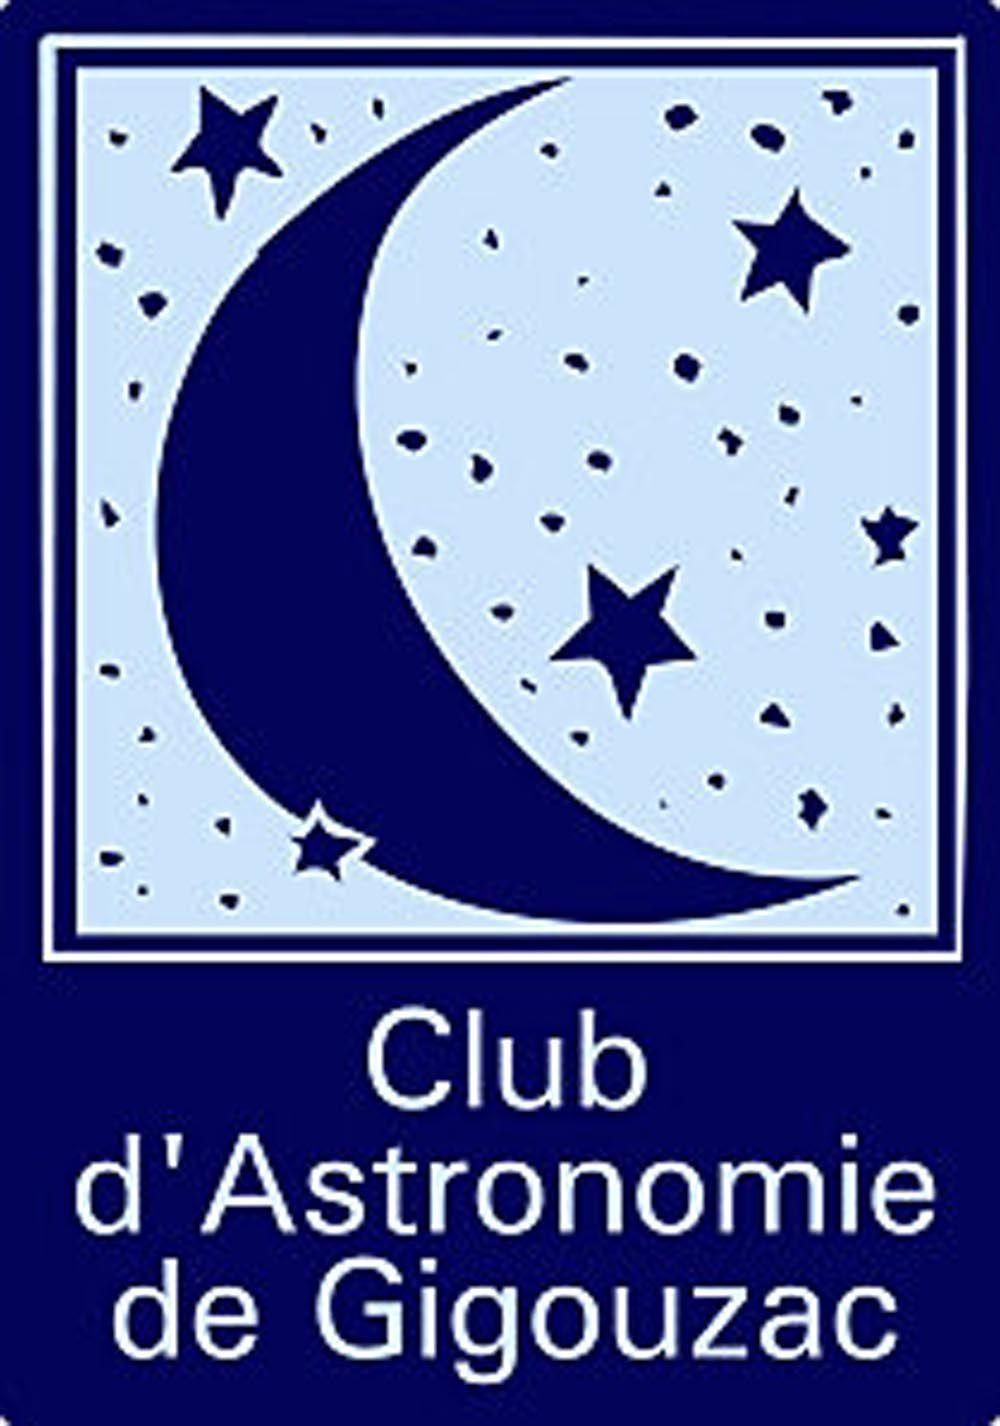 Retour sur.. Une soirée d'observation du ciel à Gigouzac!